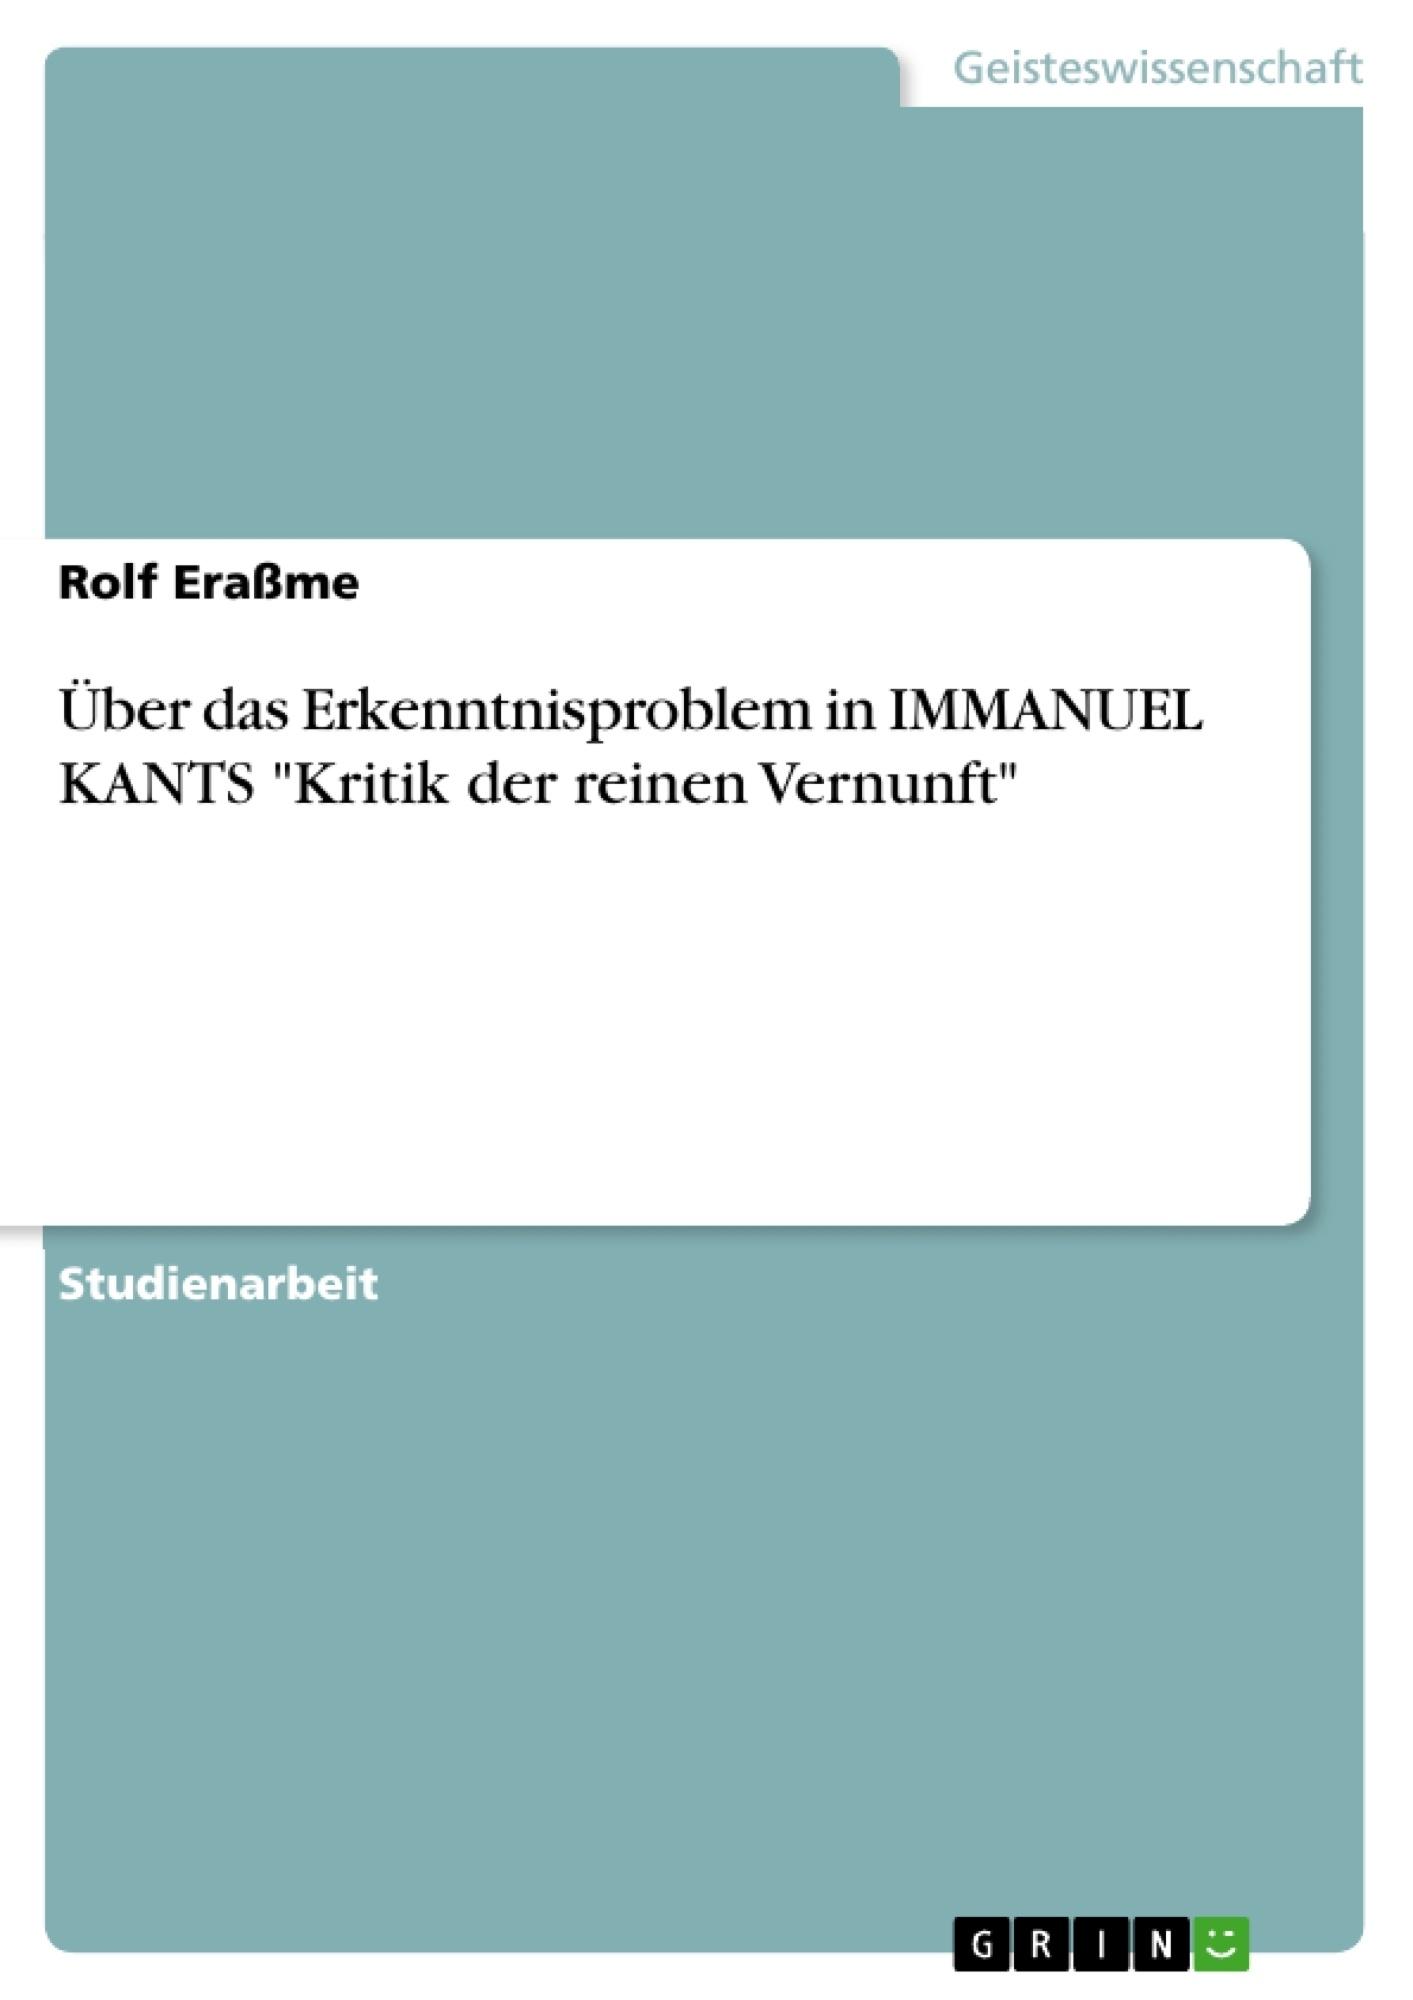 """Titel: Über das Erkenntnisproblem in IMMANUEL KANTS """"Kritik der reinen Vernunft"""""""